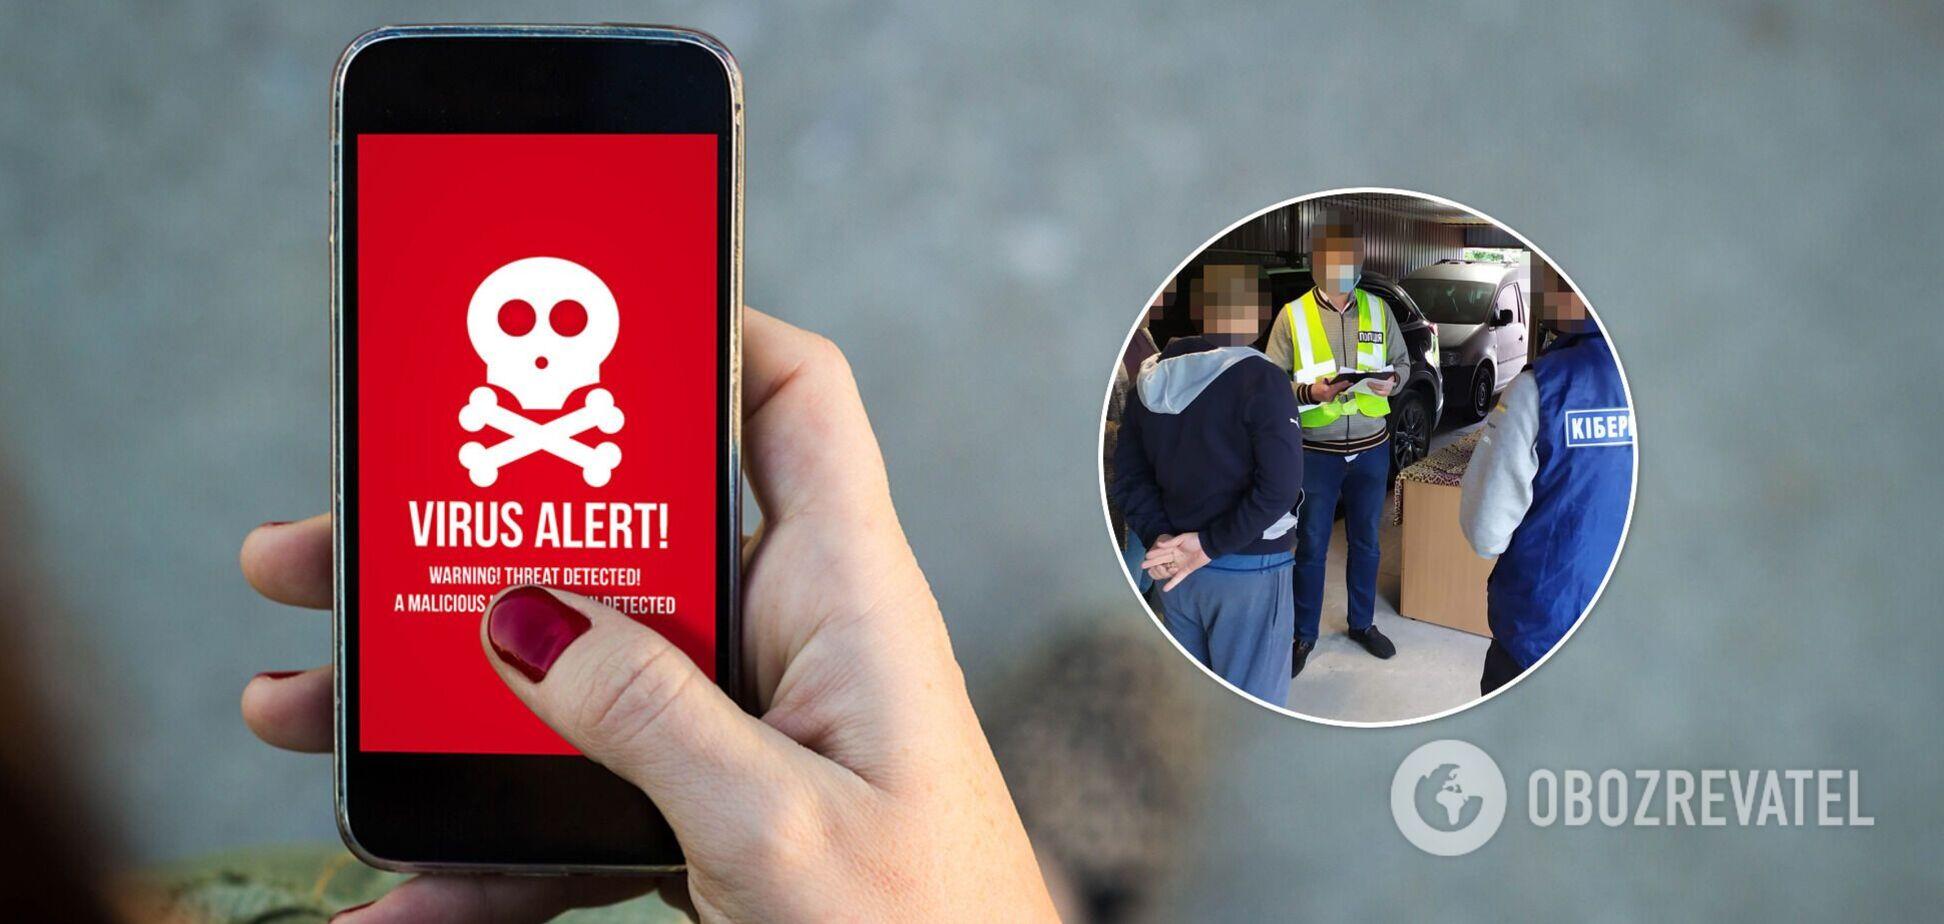 У Києві викрили творця небезпечного вірусу: зламував чужі смартфони і крав дані. Фото